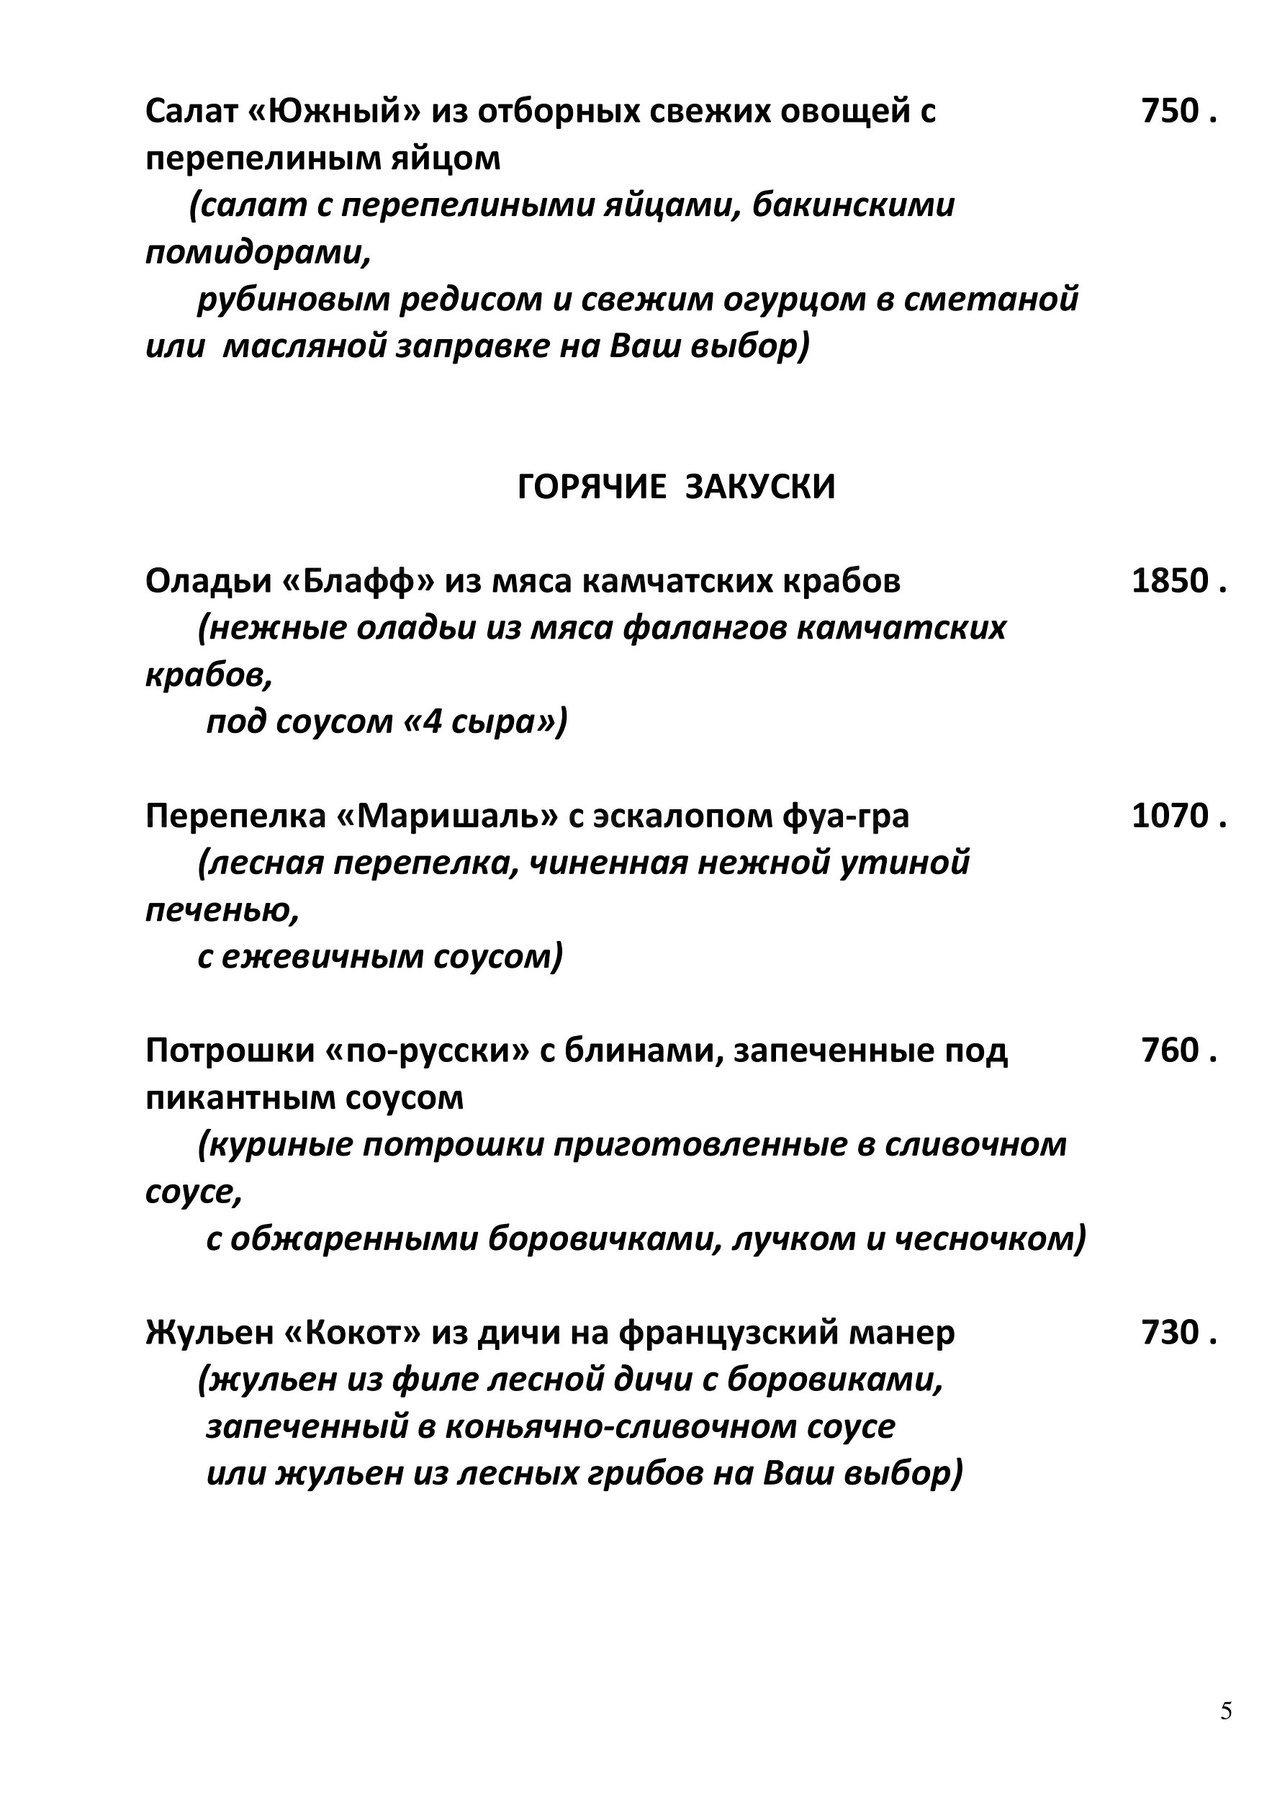 Меню ресторана Семь Пятниц на Воронцовской улице фото 5